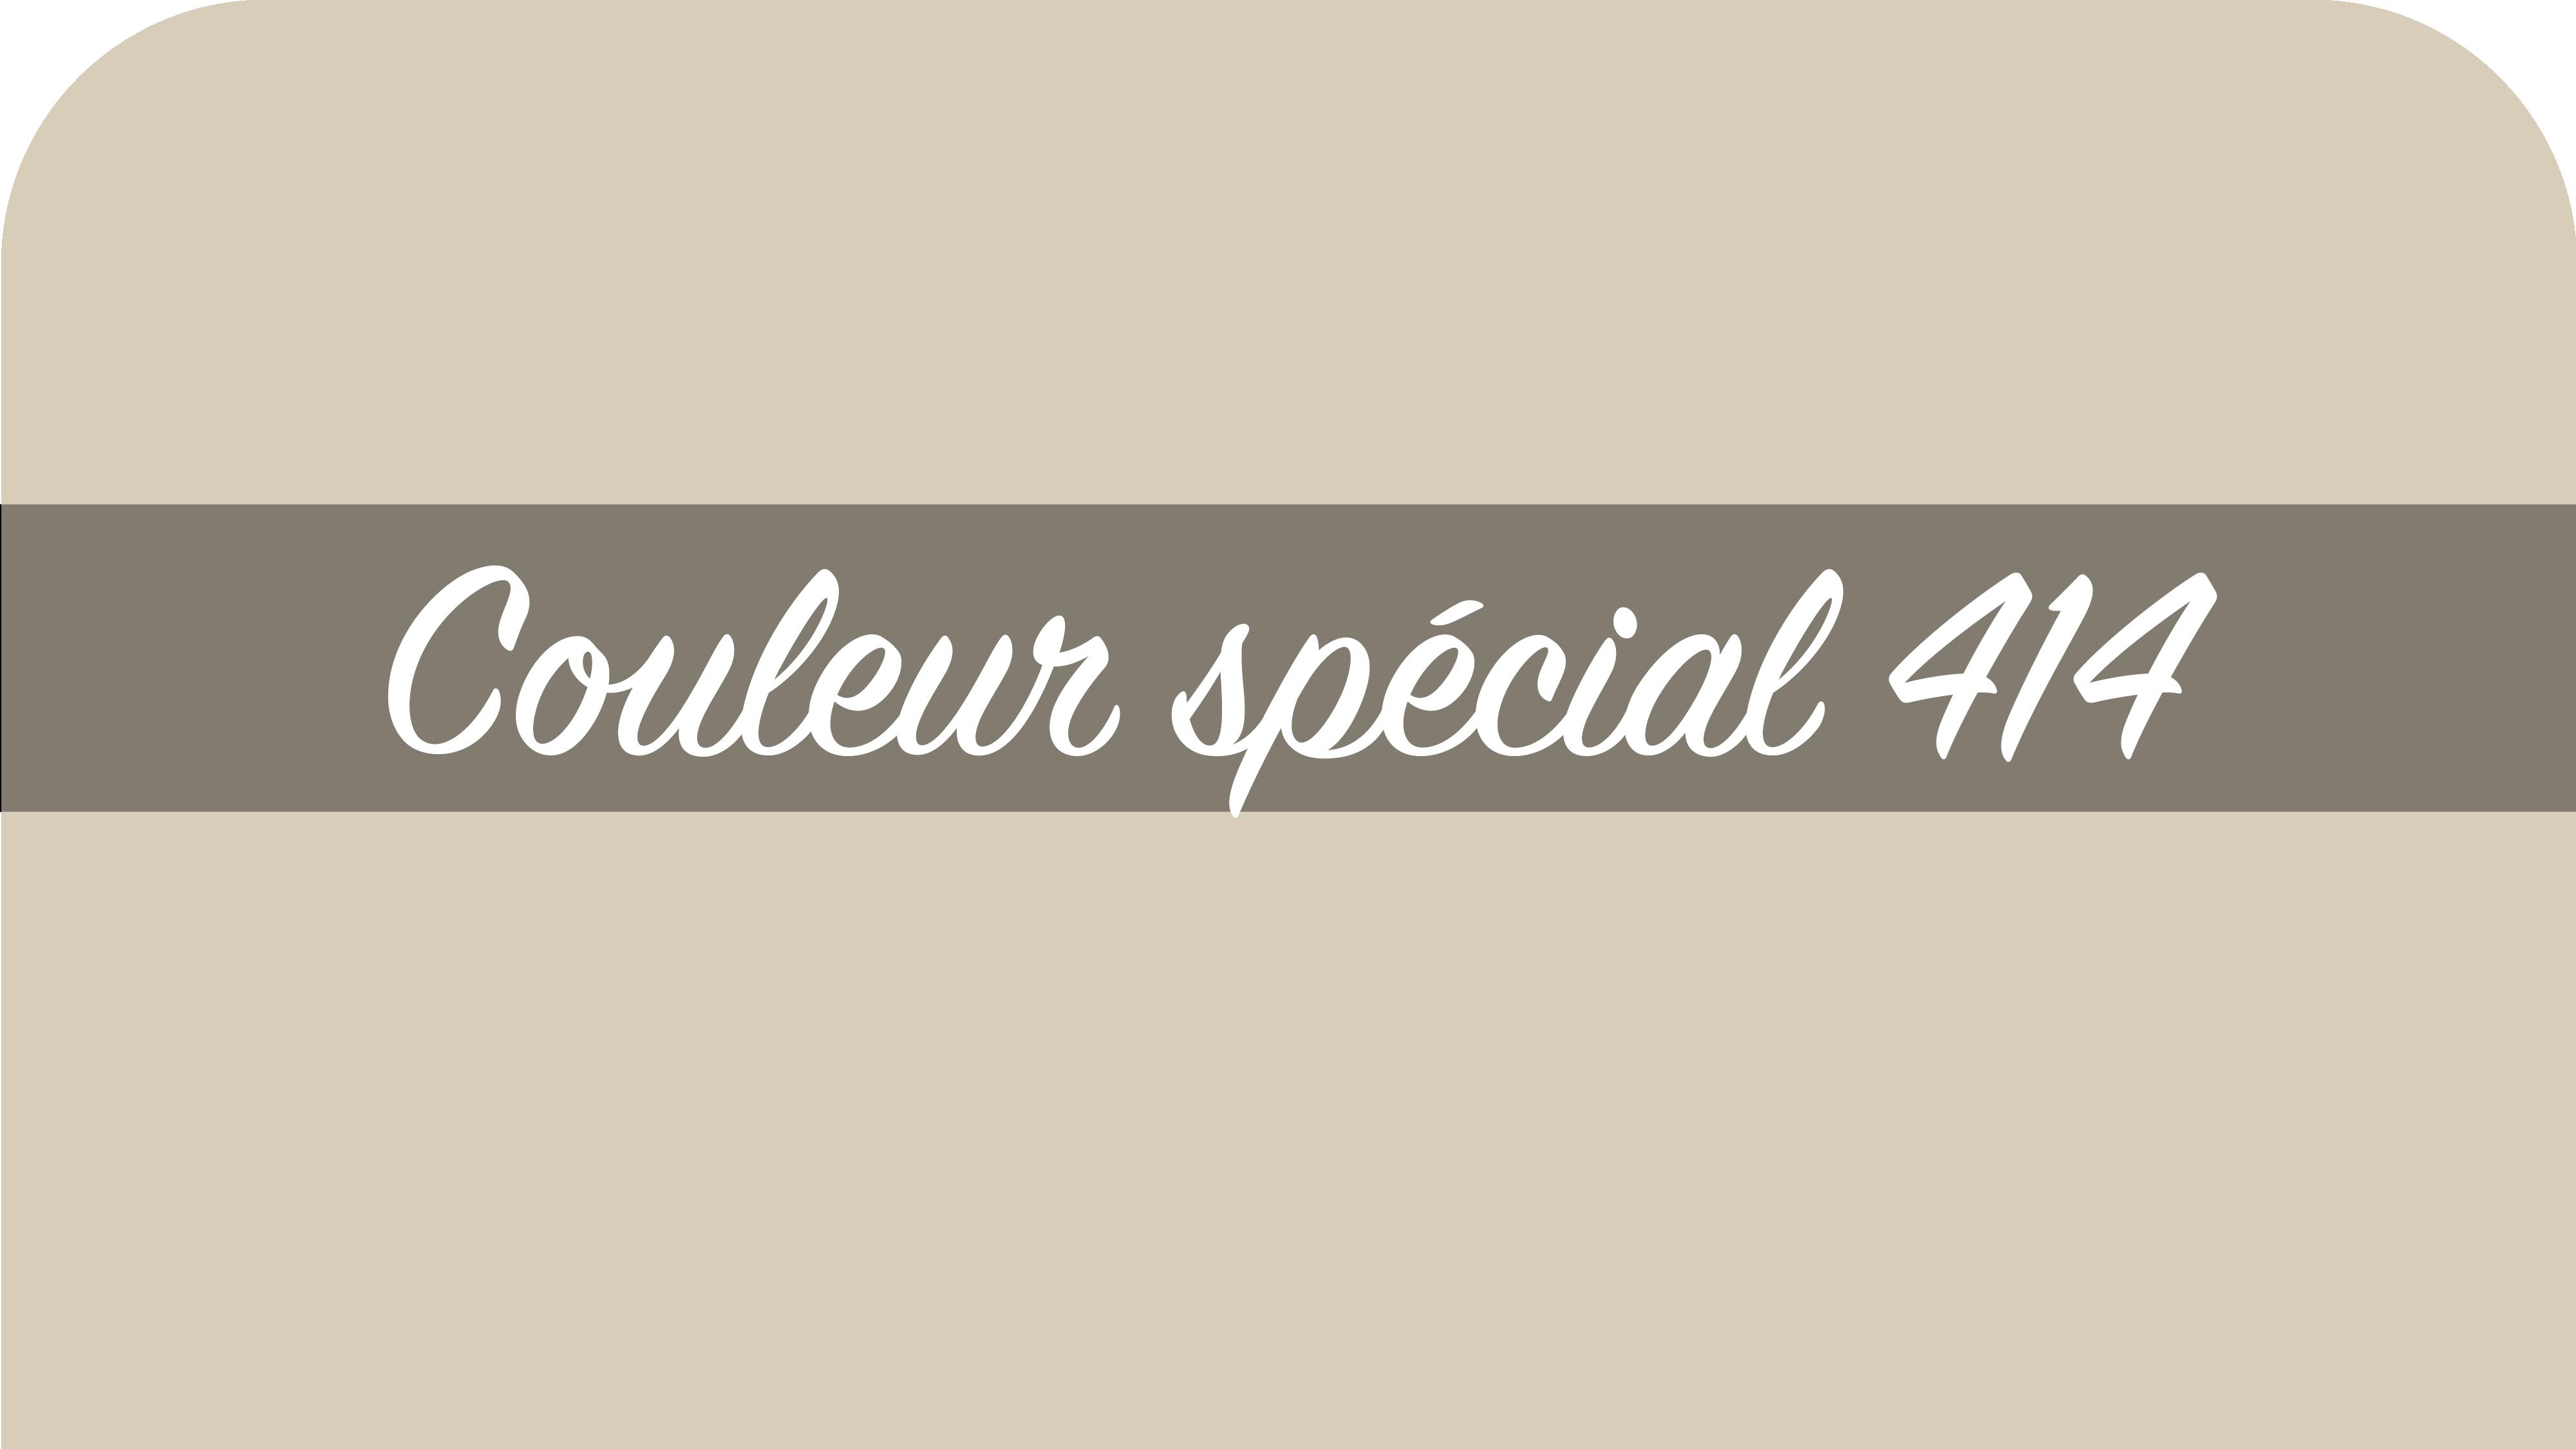 couleur-special-414